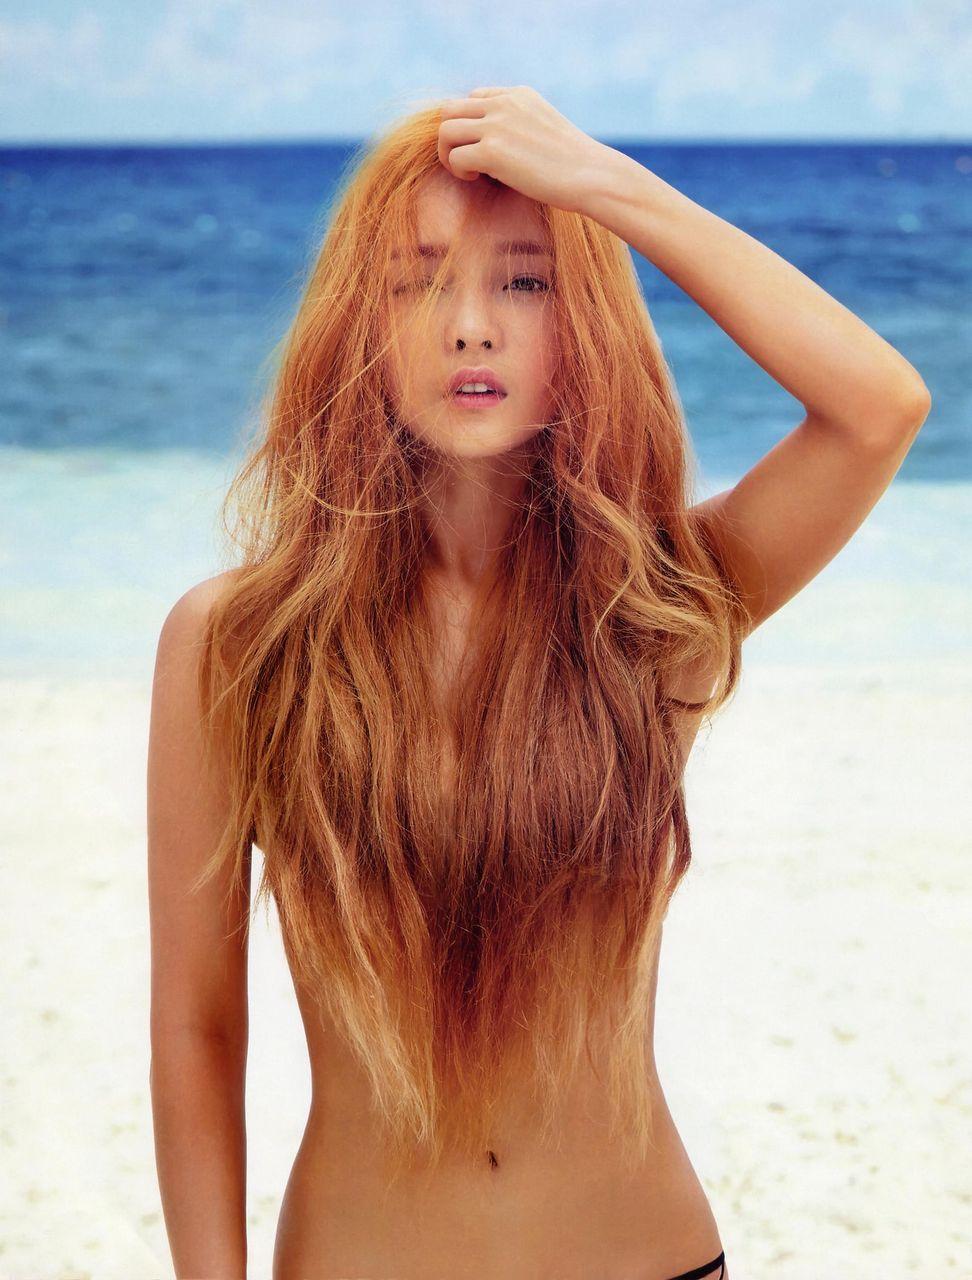 お姉さん ロングヘア 乳首 隠す 髪ブラ 美女 エロ画像【18】